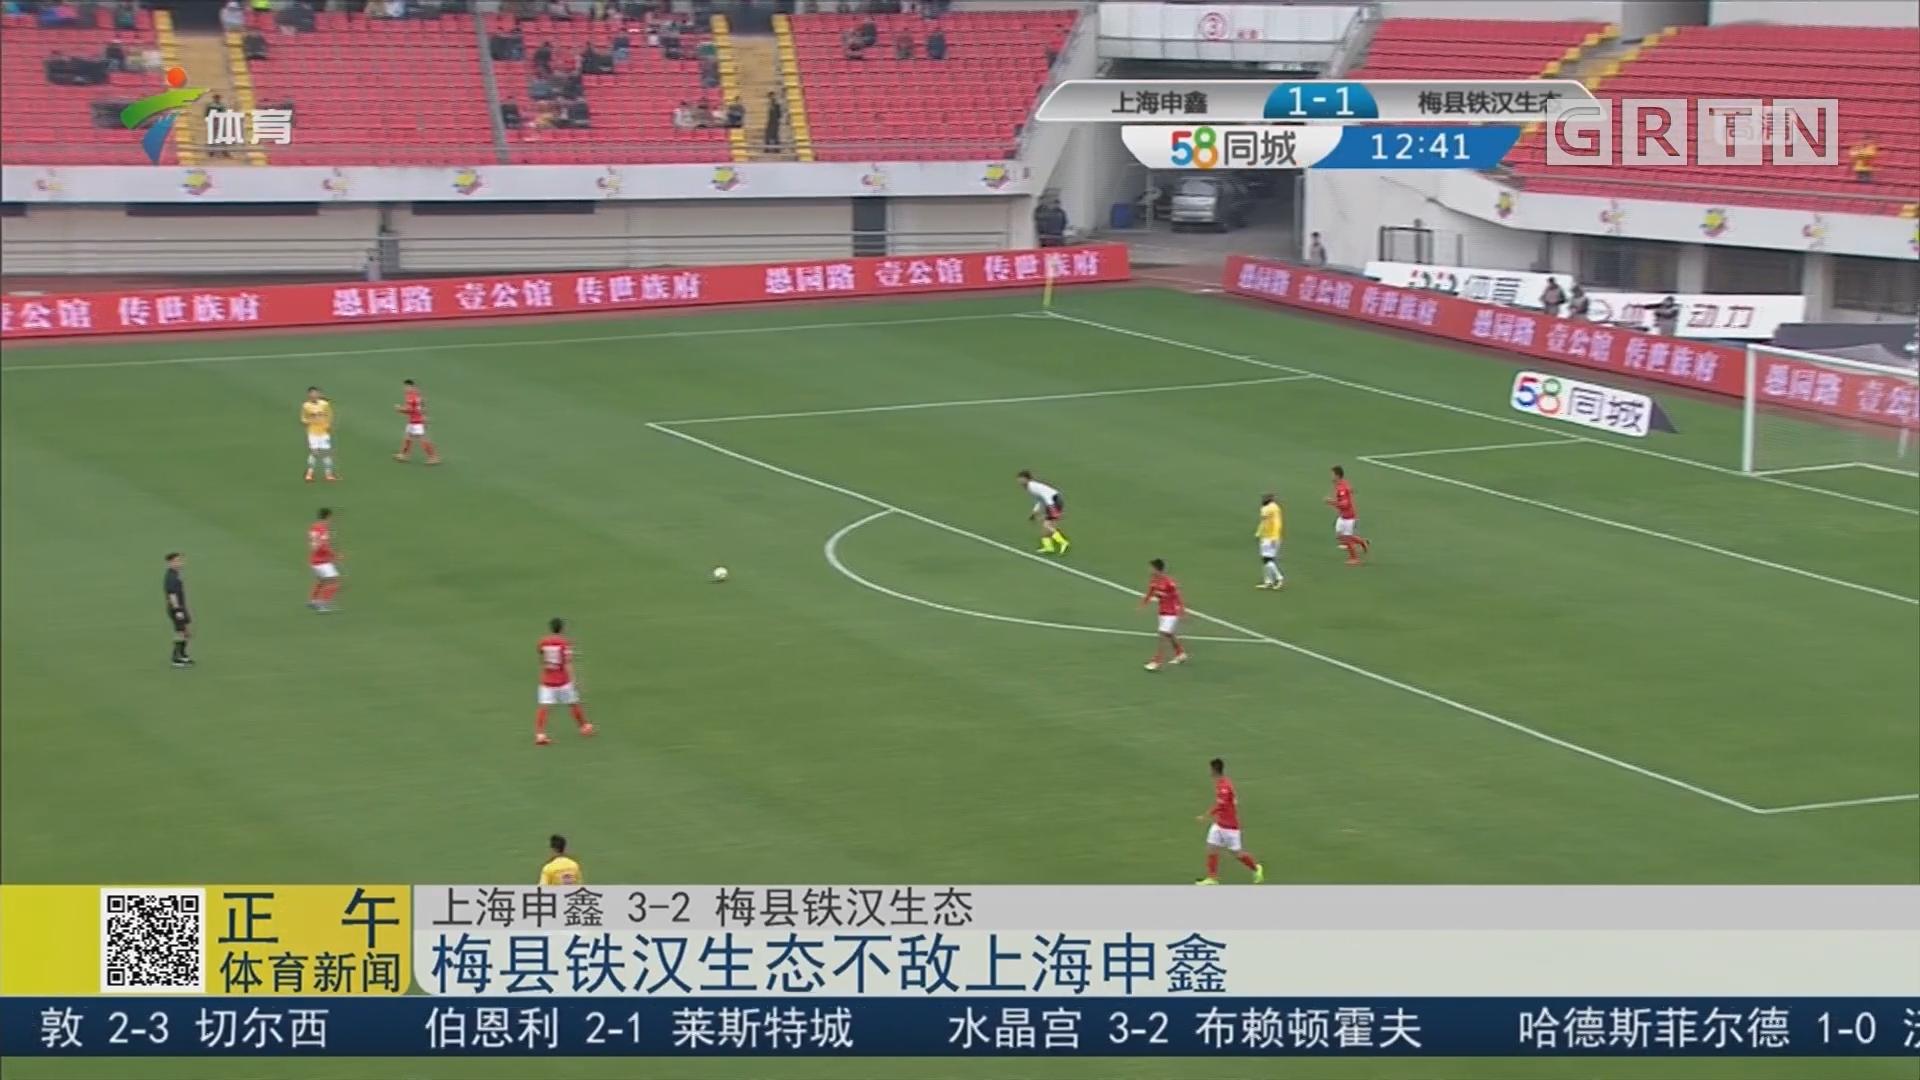 梅县铁汉生态不敌上海申鑫